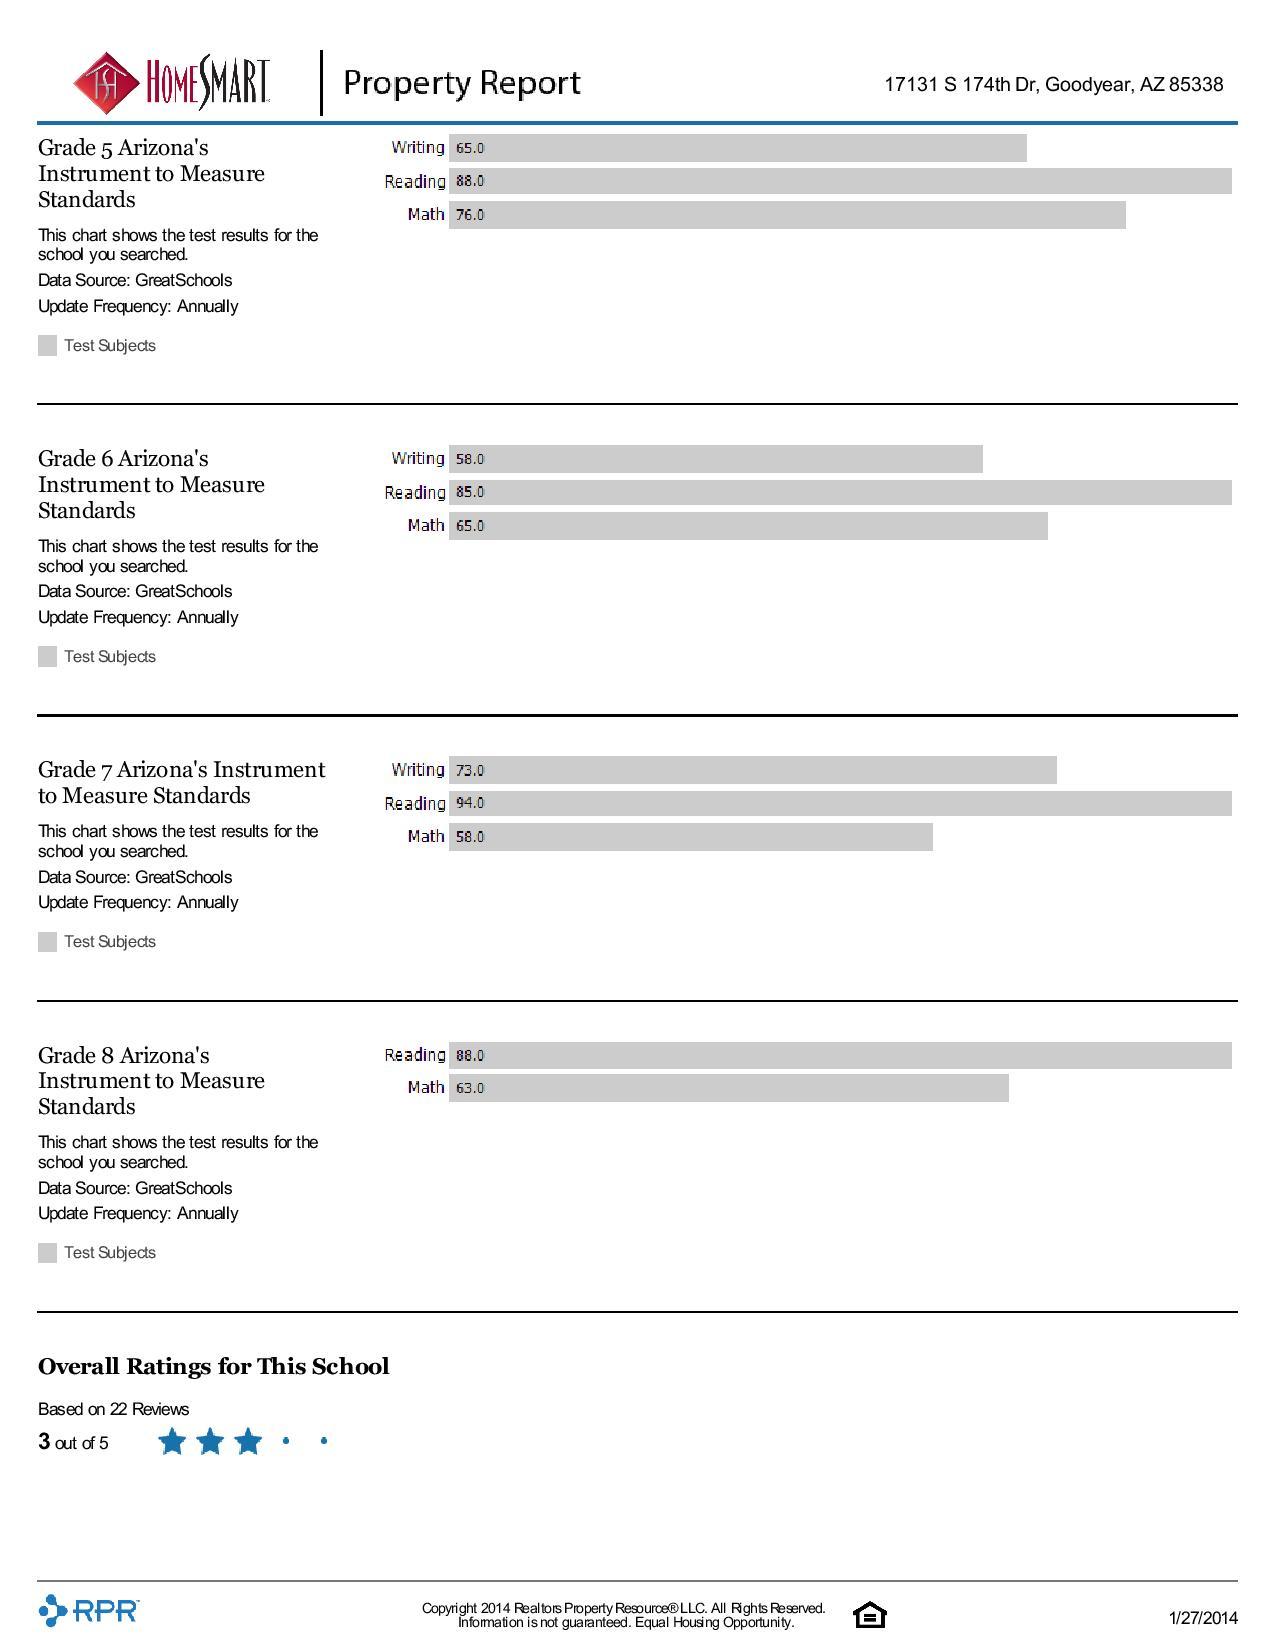 17131-S-174th-Dr-Goodyear-AZ-85338.pdf-page-010